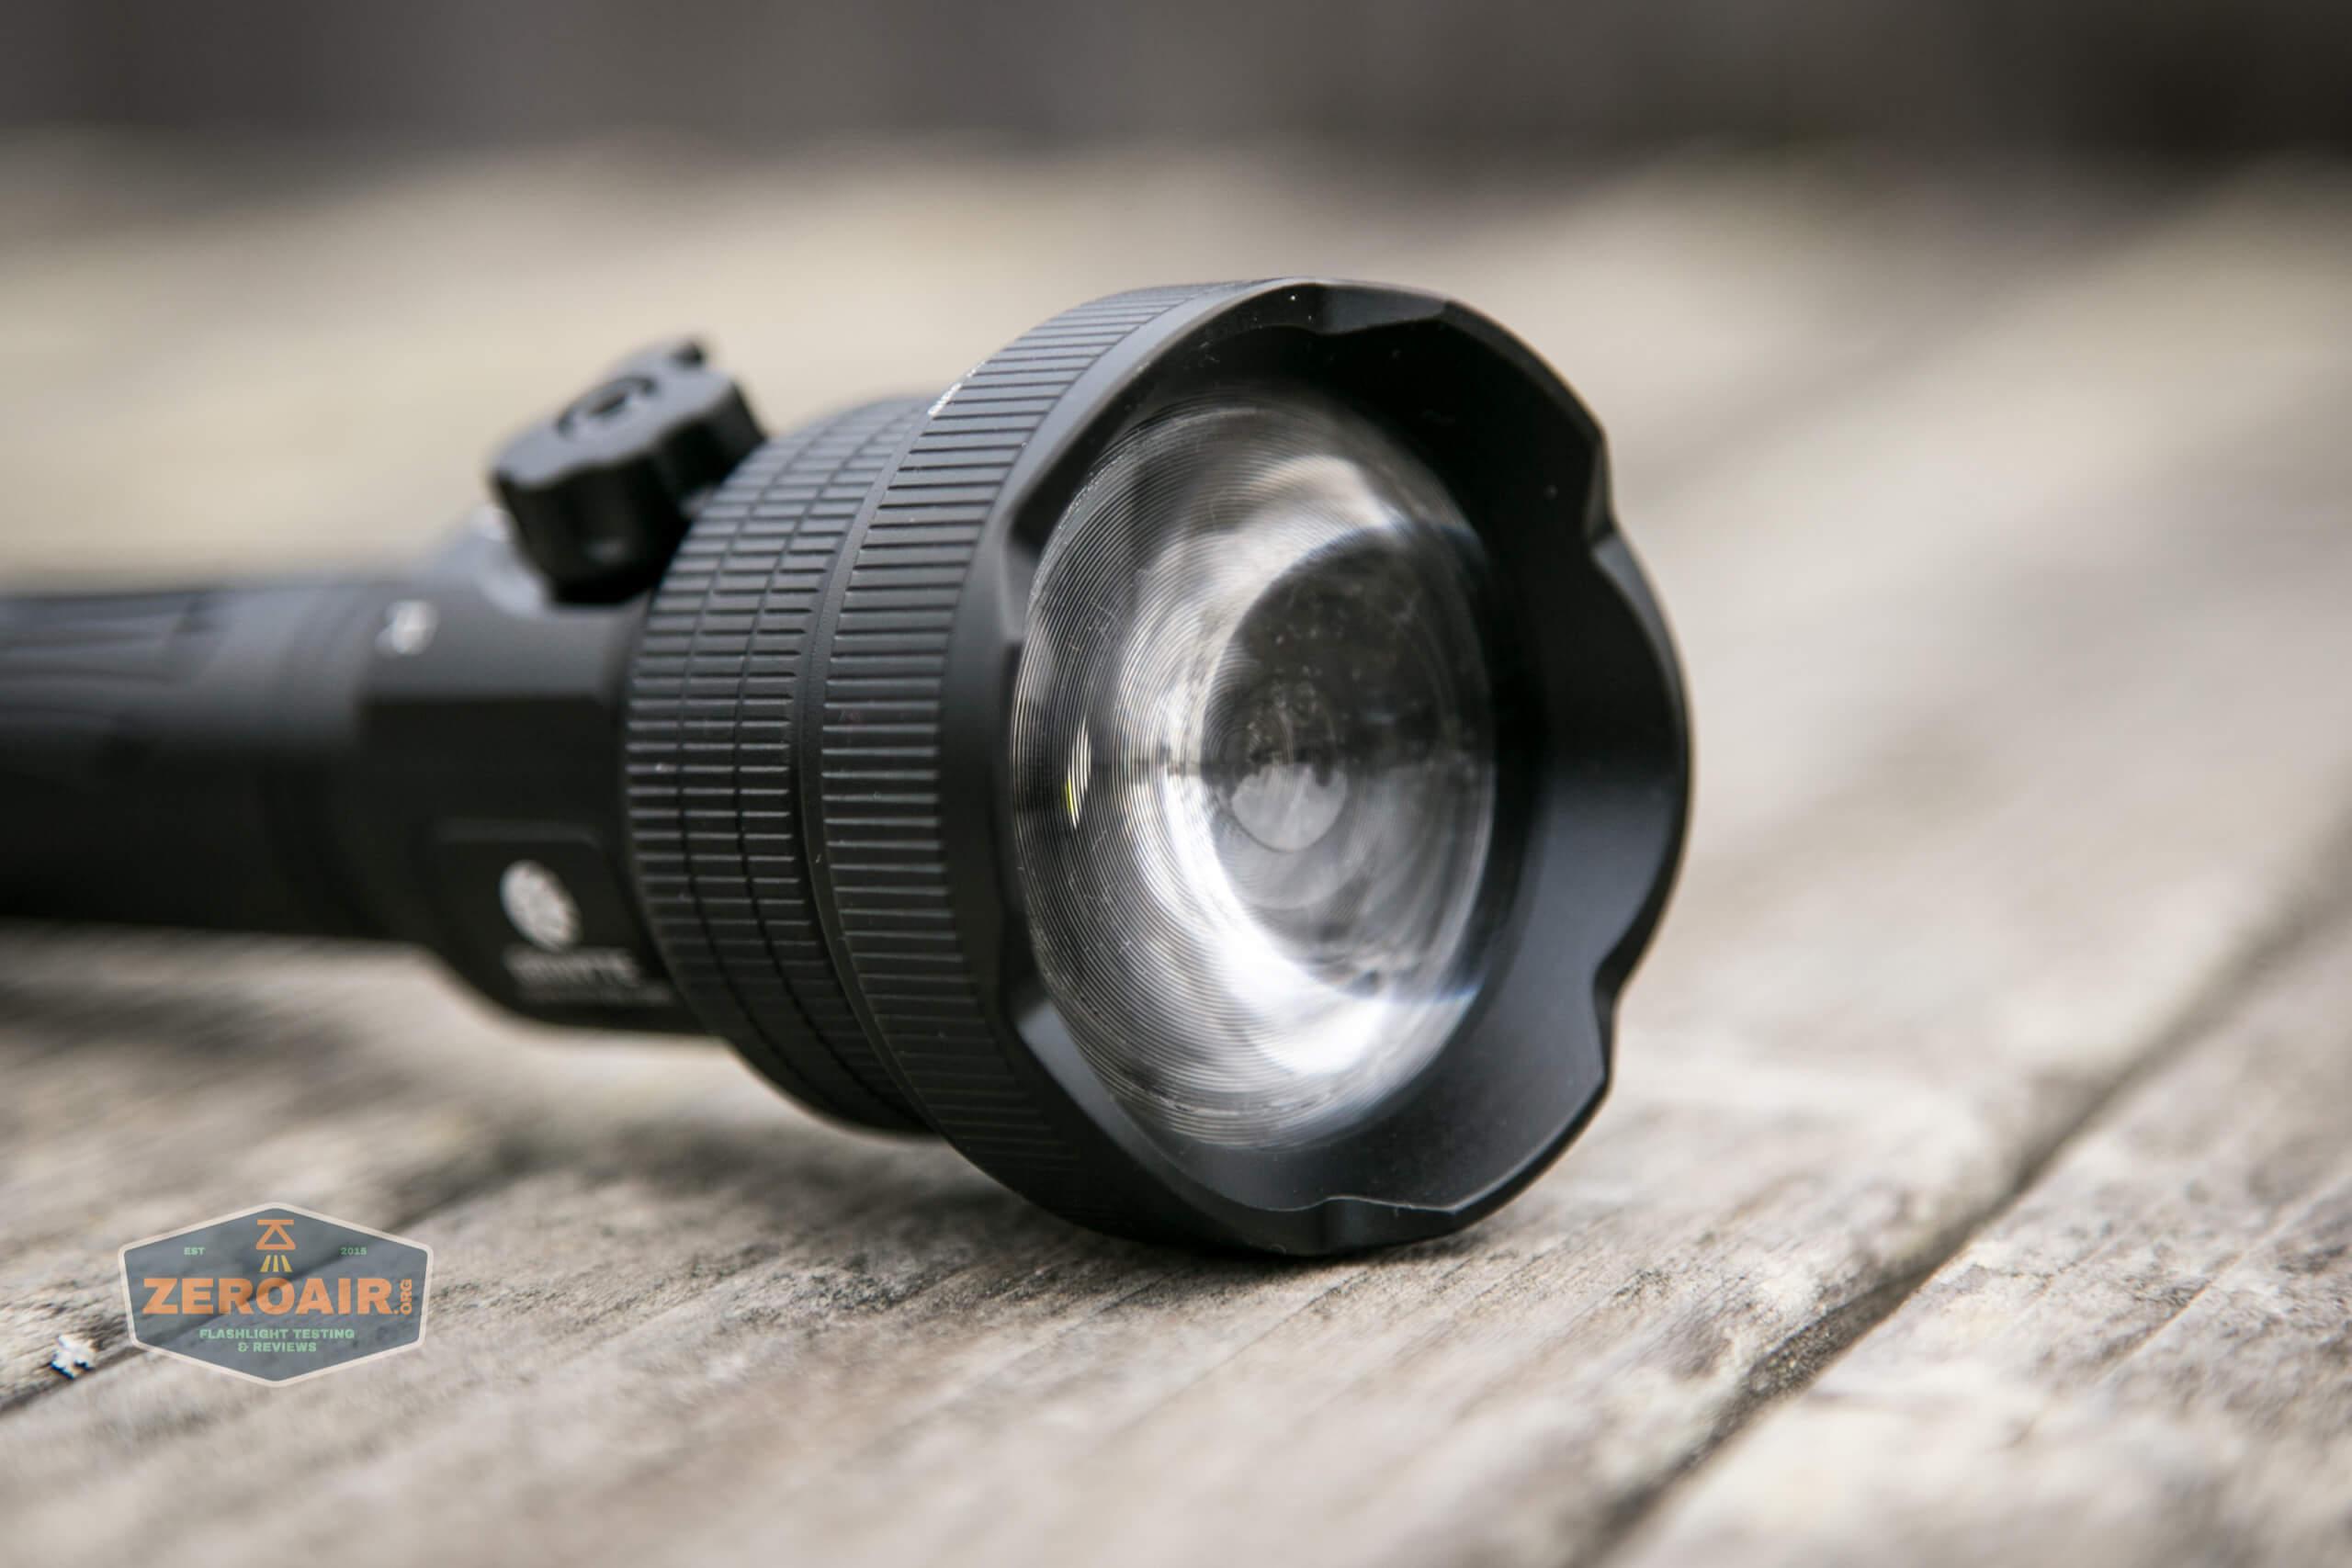 Brinyte T28 Artemis Zoomy lens